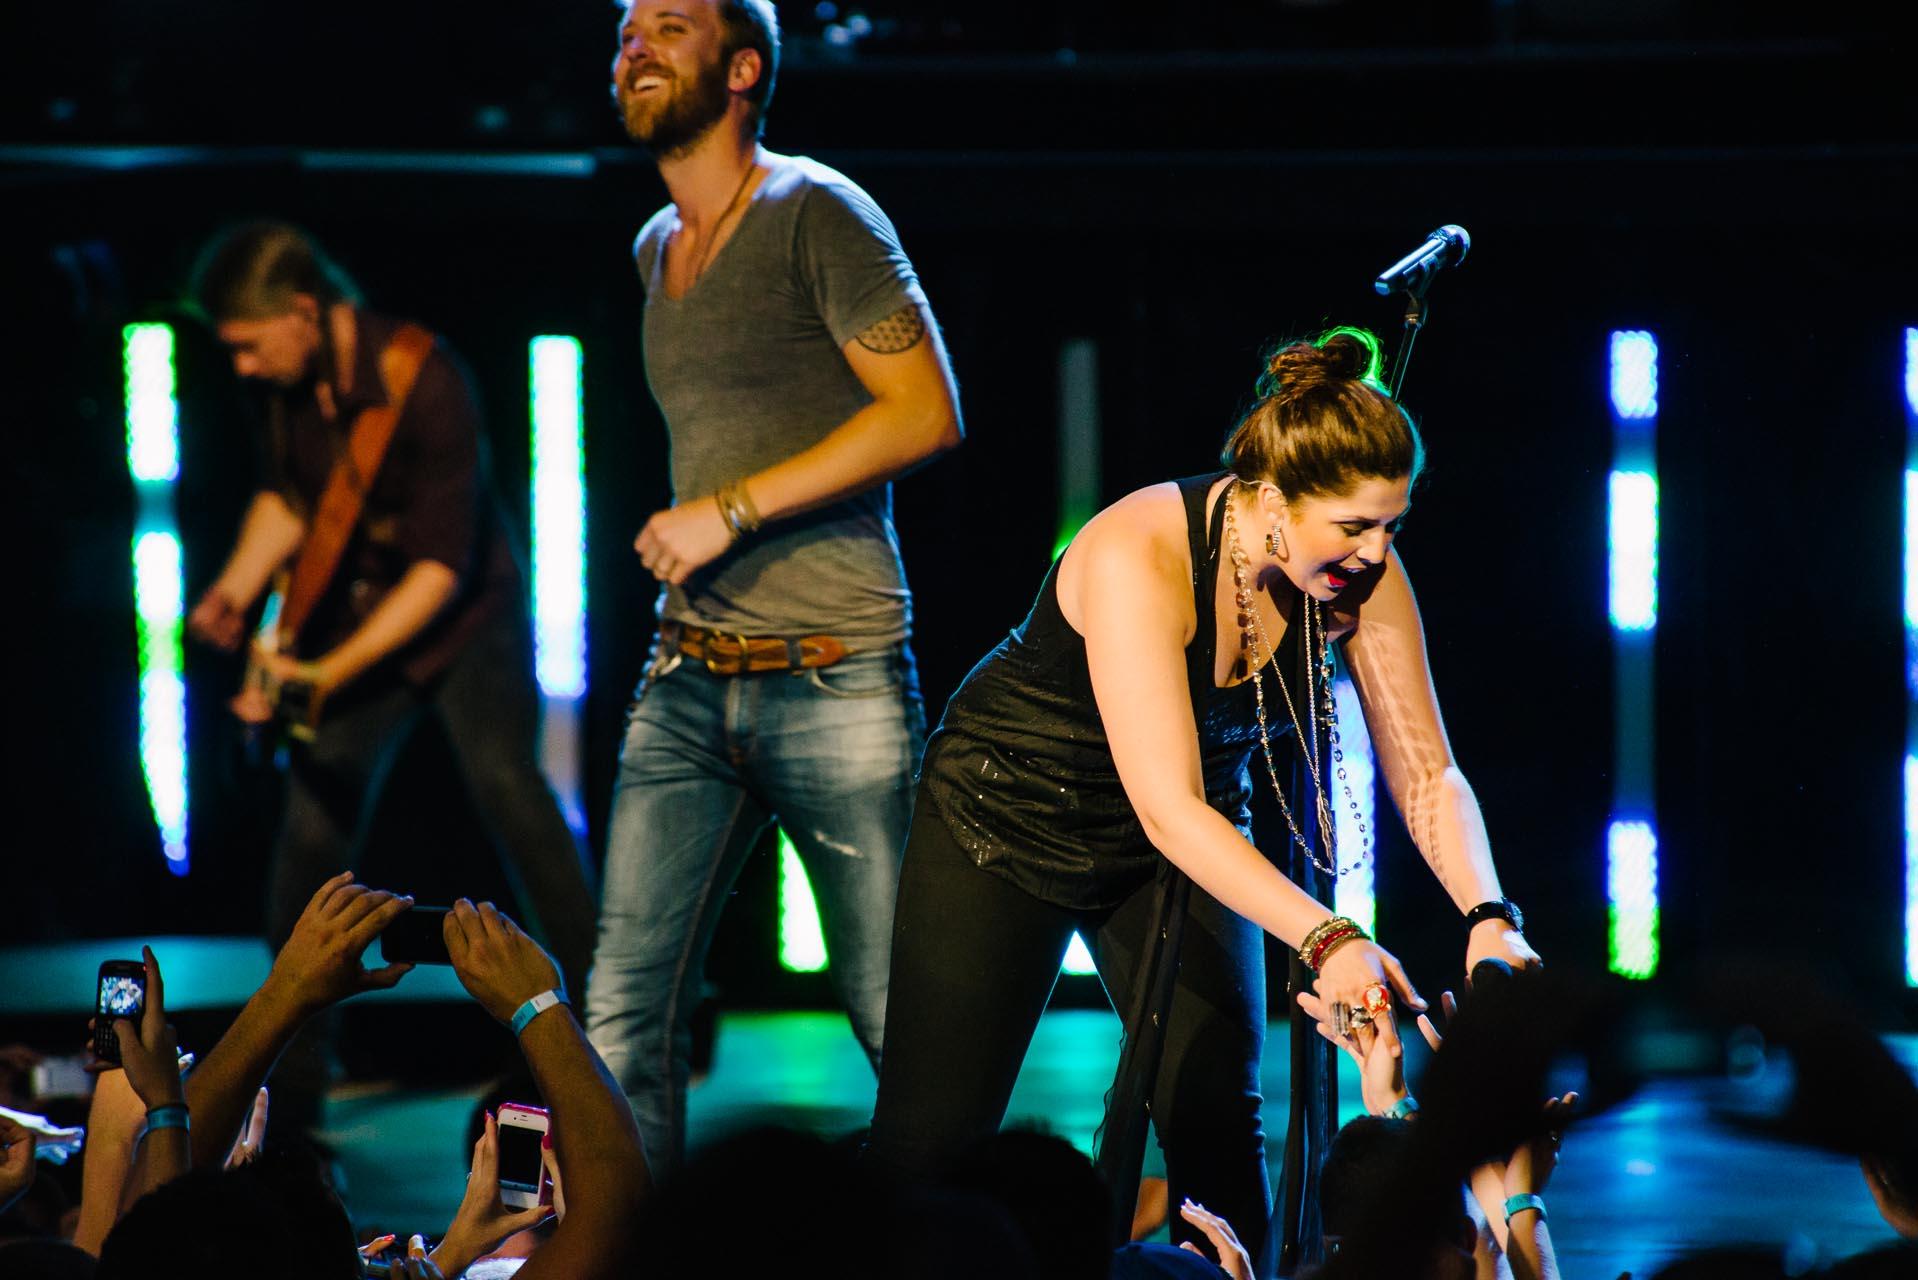 lady_antebellum_klipsch_music_center-20